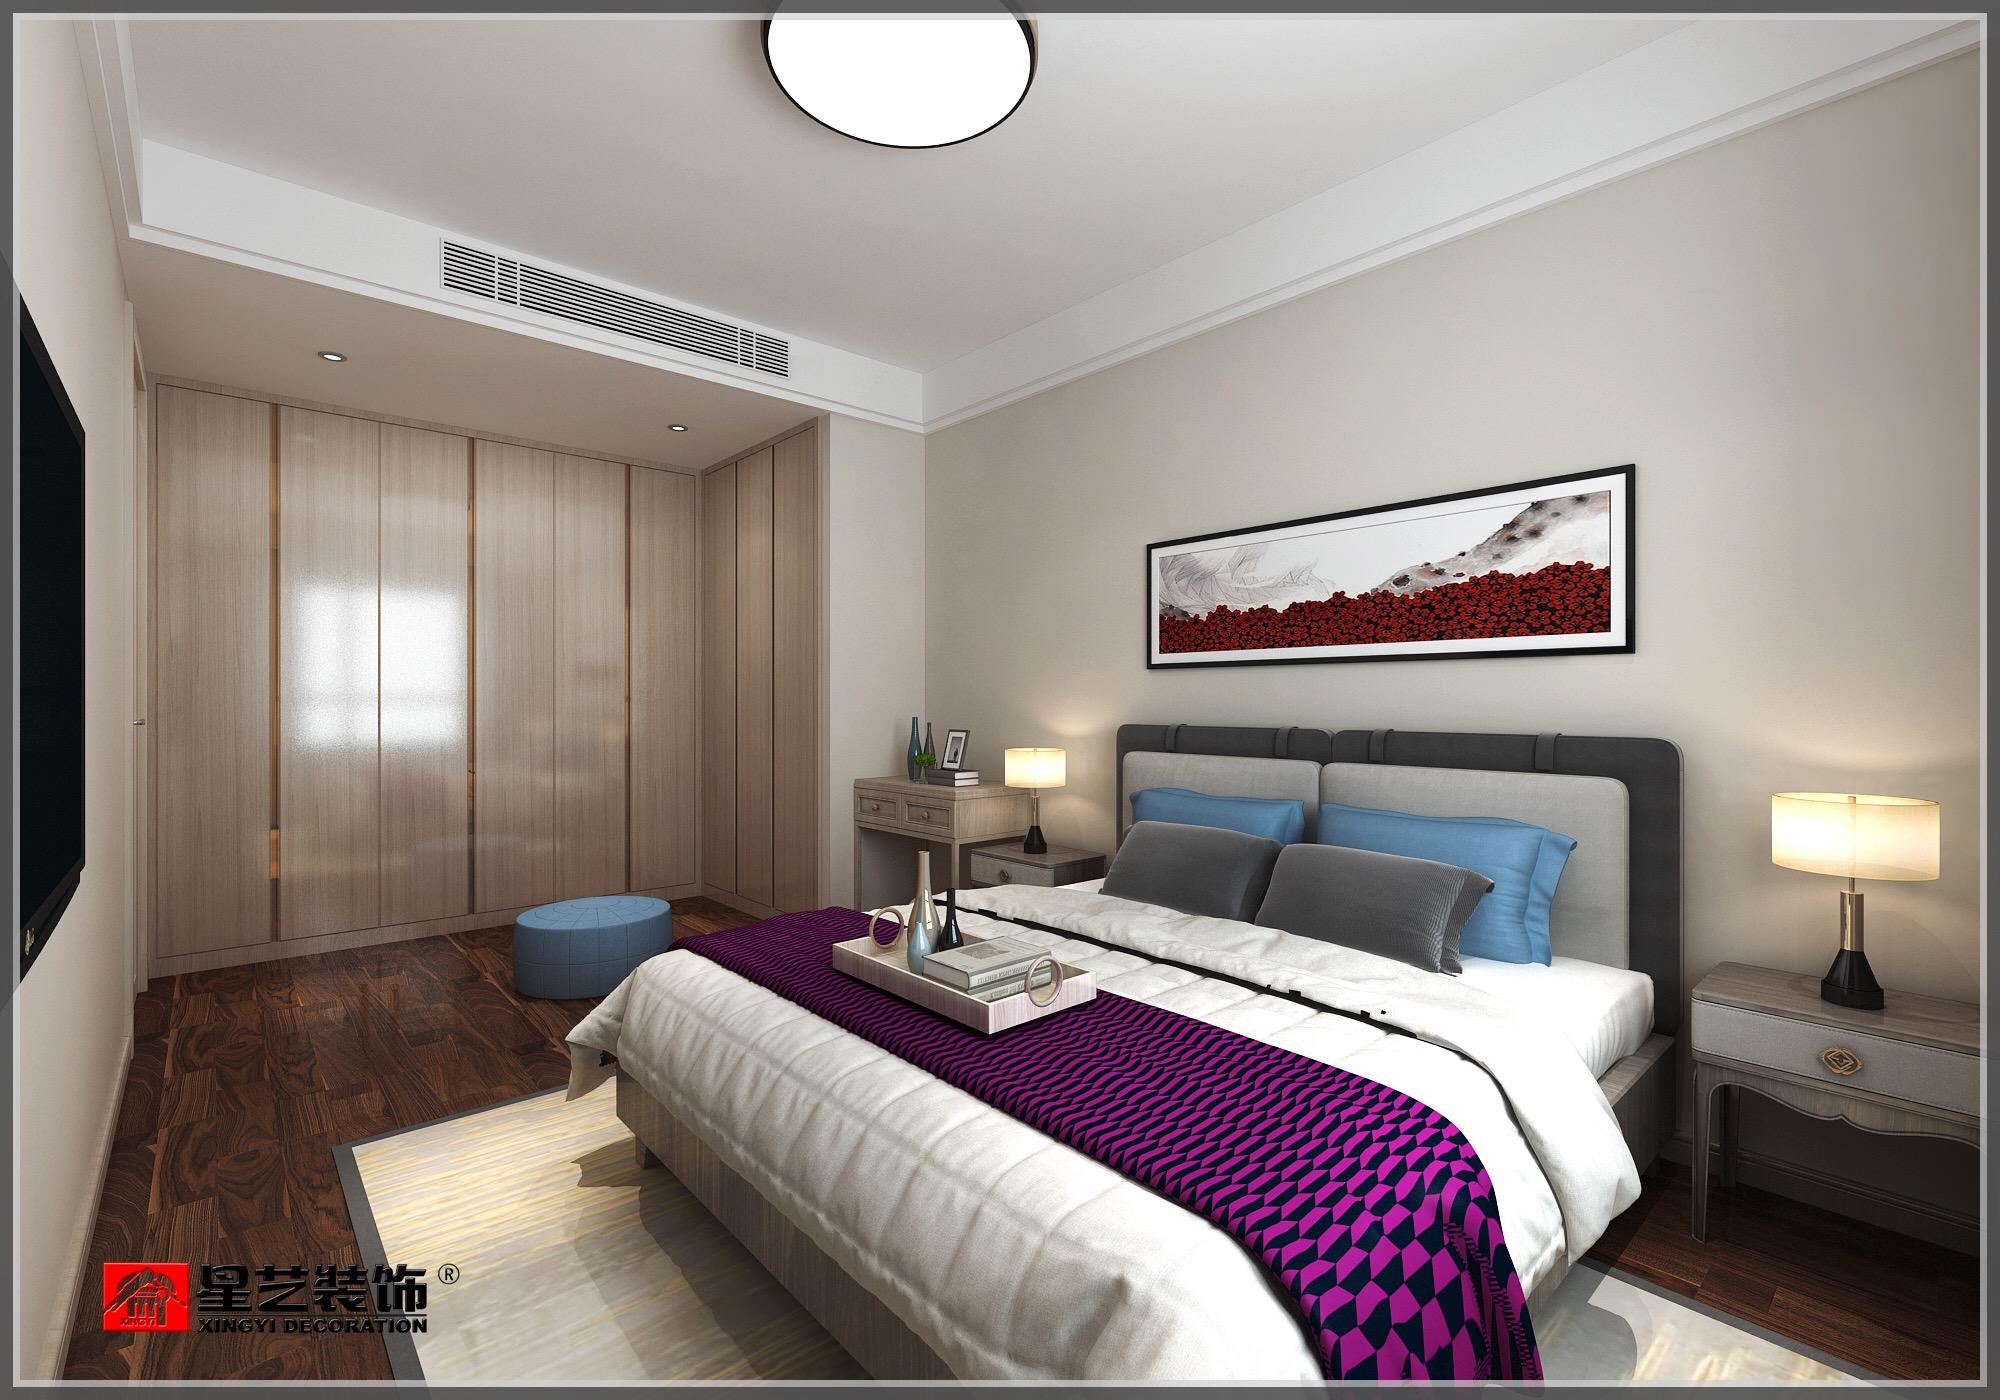 大连装修星海长岛——卧室效果图